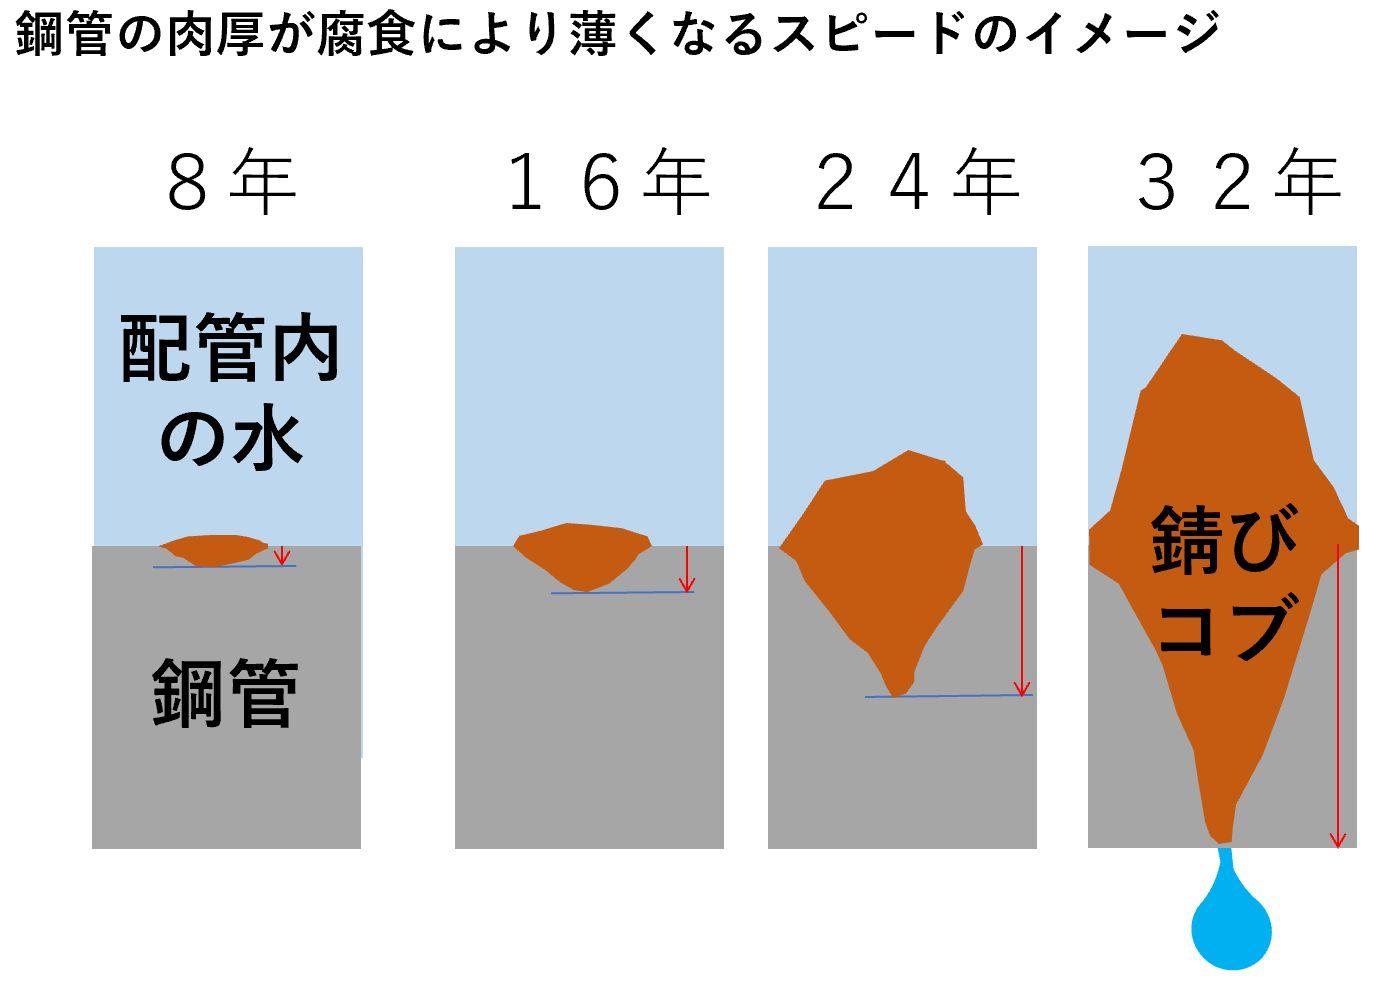 鋼管の肉厚が腐食により薄くなるスピードのイメージ